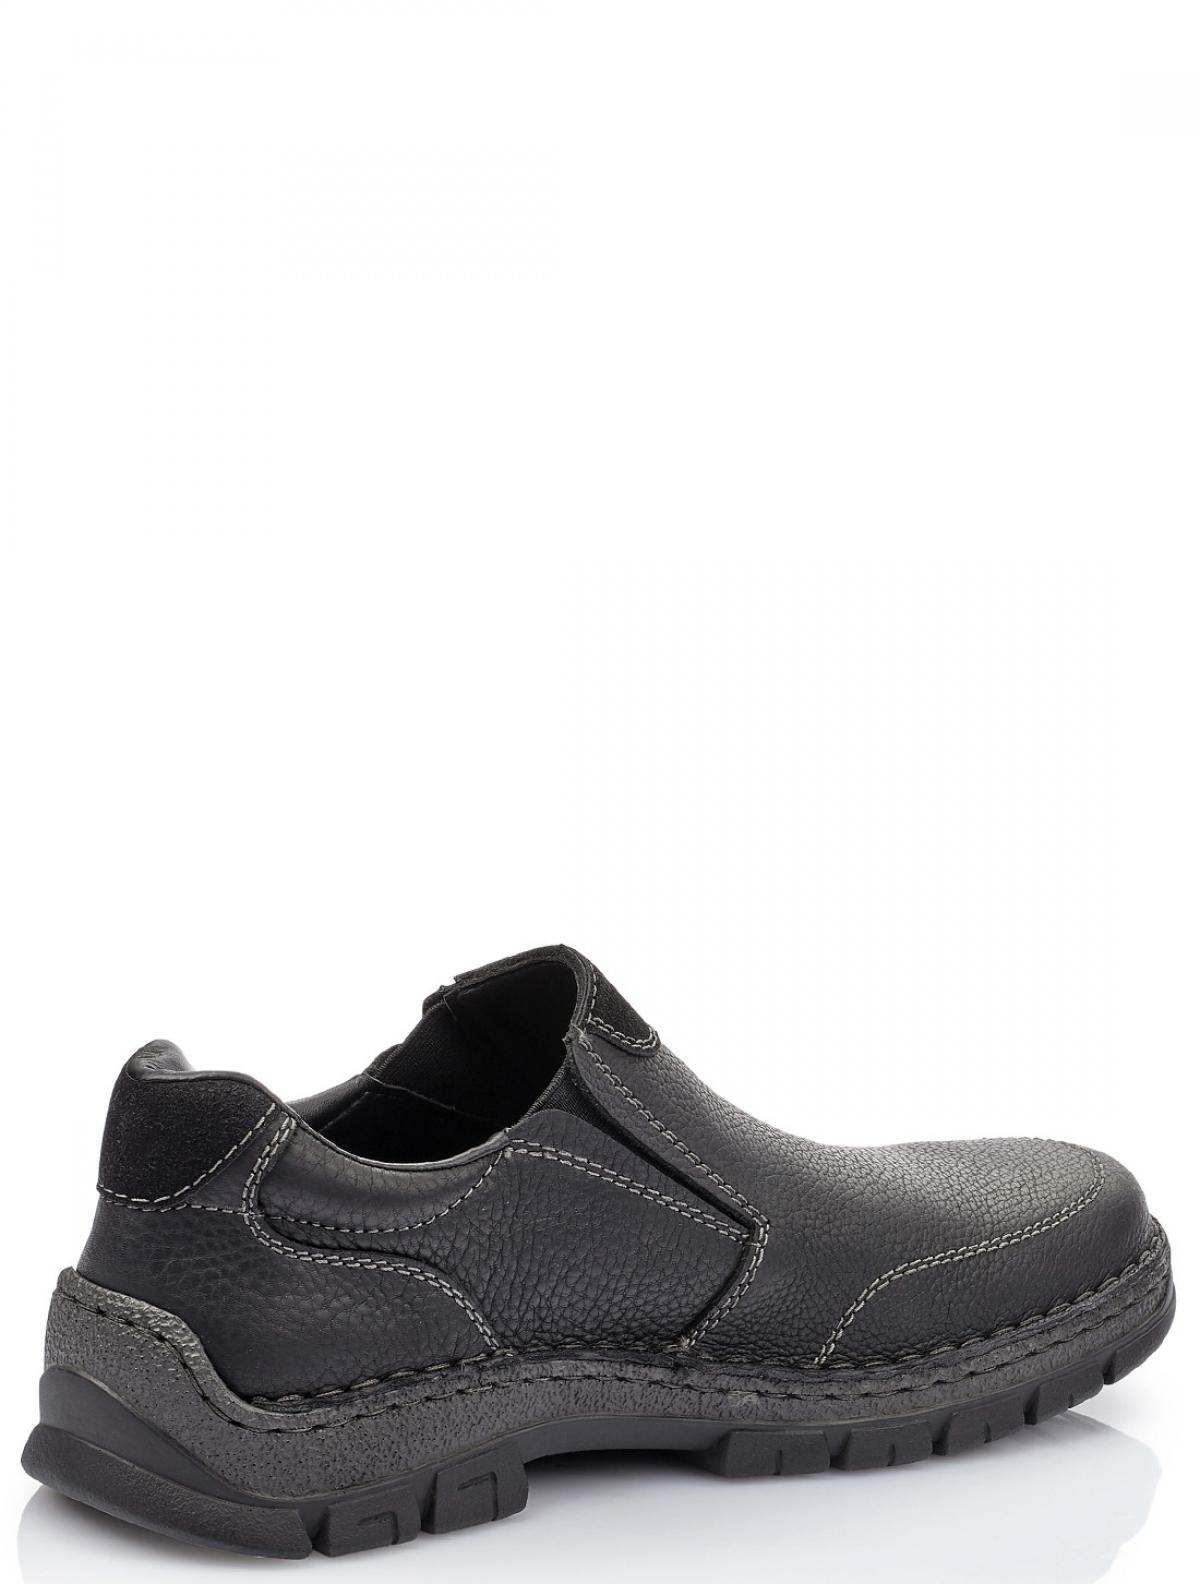 Rieker 12262-00 мужские туфли